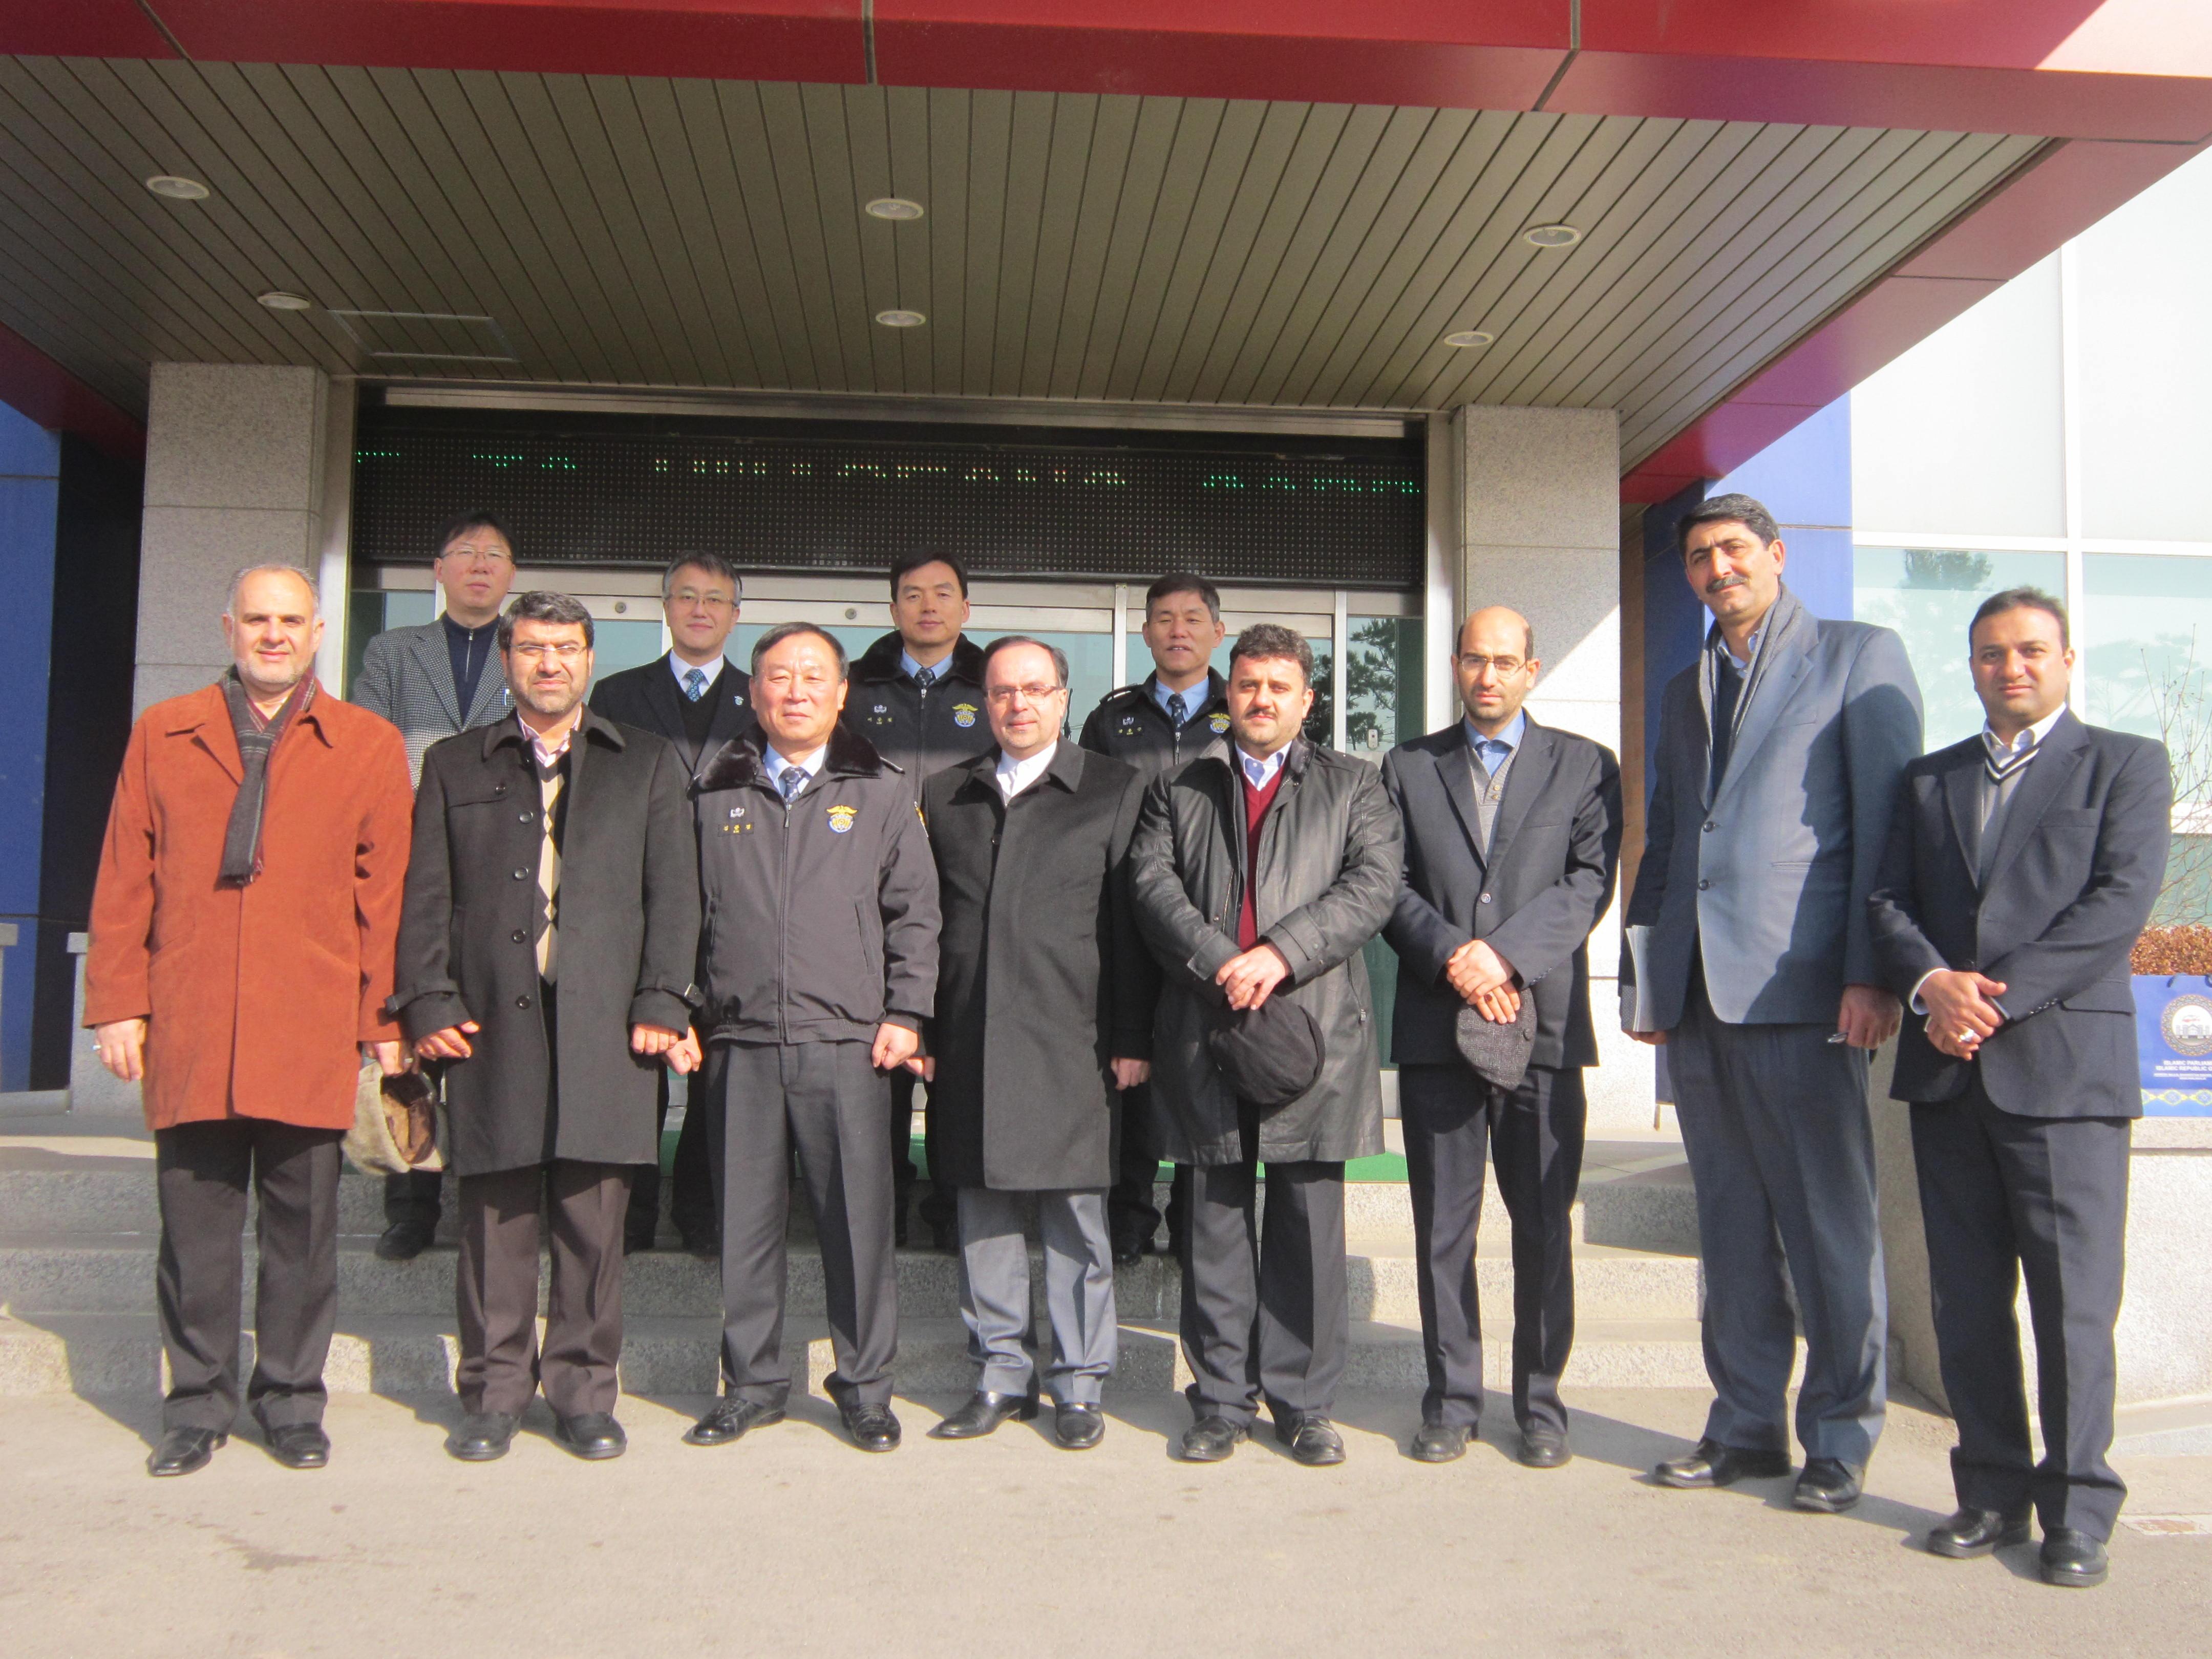 دیدار ابوترابی و هیات کمیسیون قضایی مجلس با همتایان کره ای